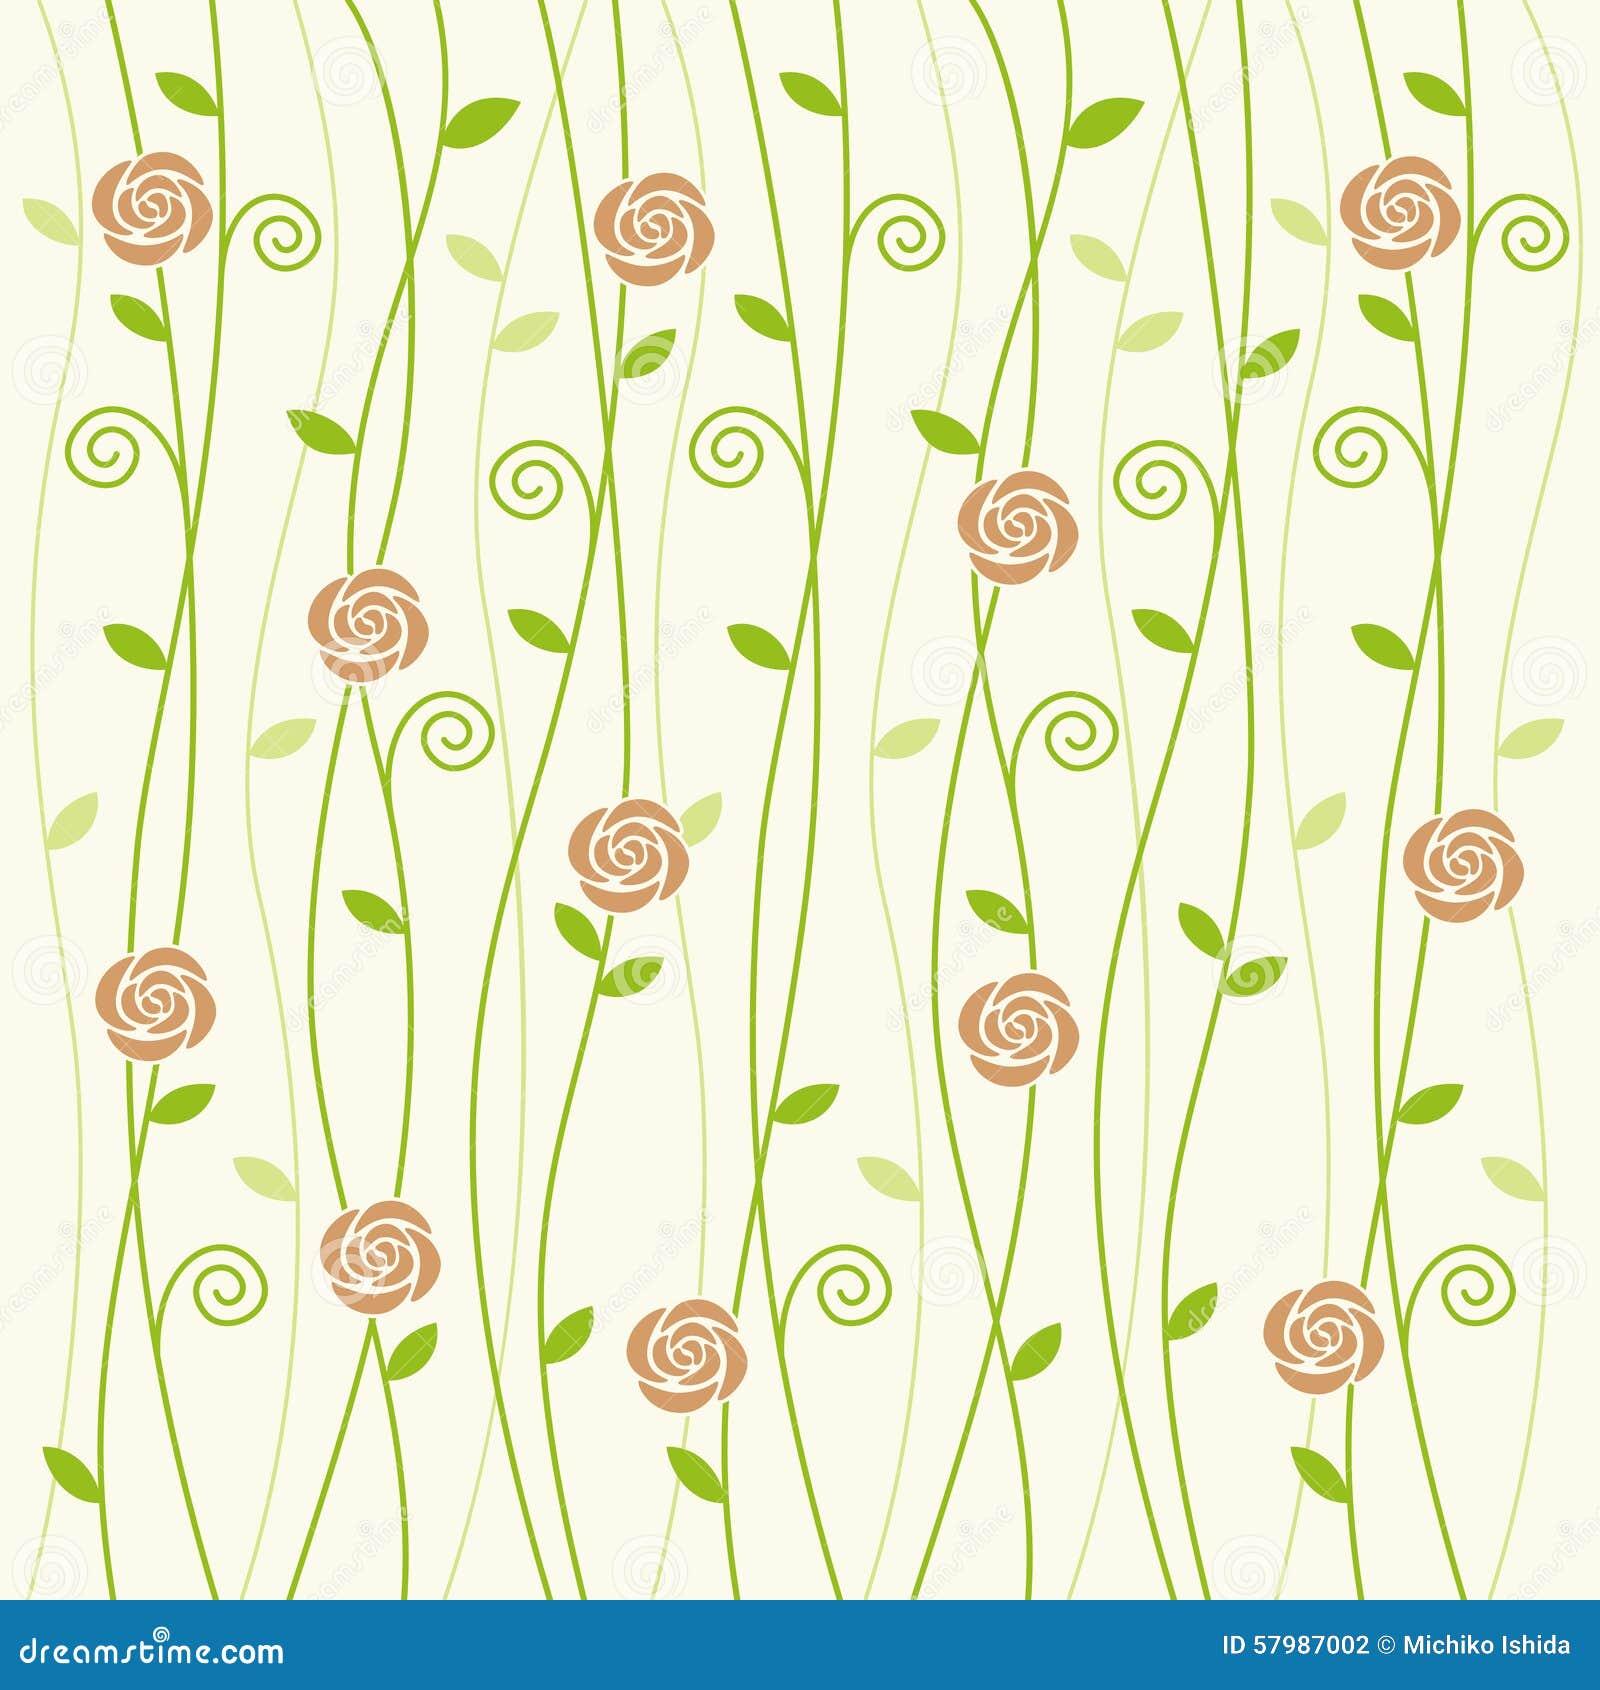 rose and vine background pattern stock vector image 57987002. Black Bedroom Furniture Sets. Home Design Ideas